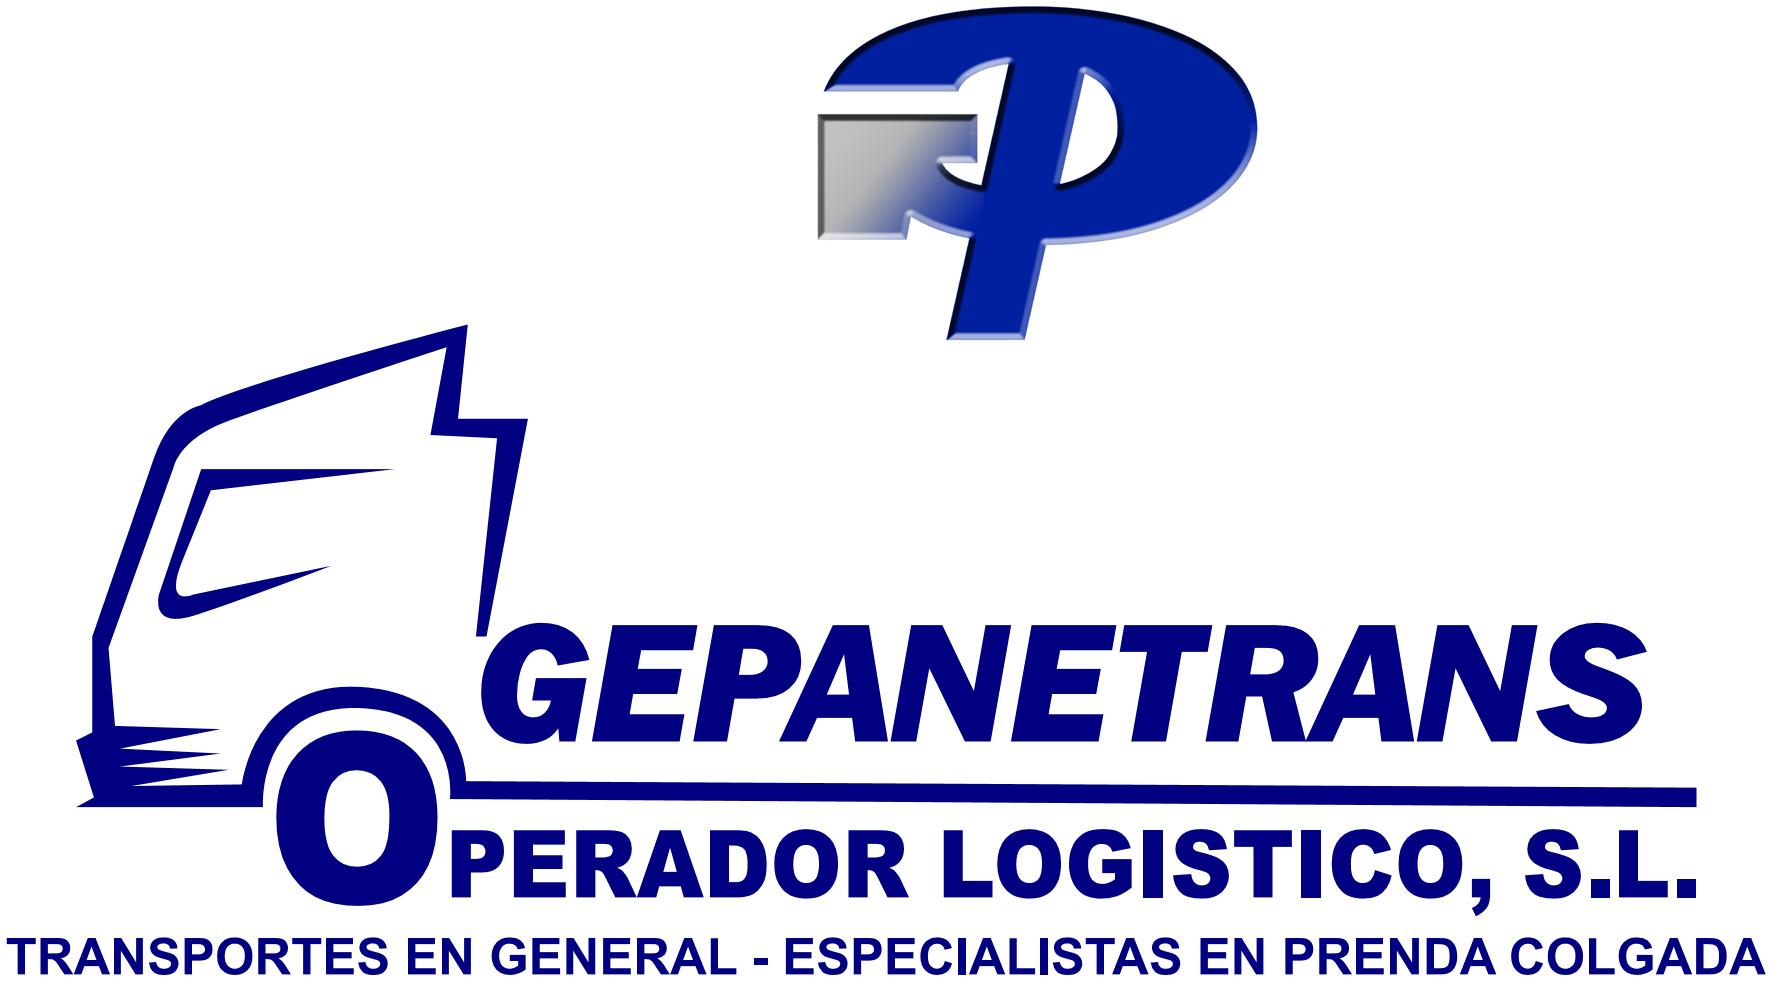 GEPANETRANS OPERADOR LOGISTICO